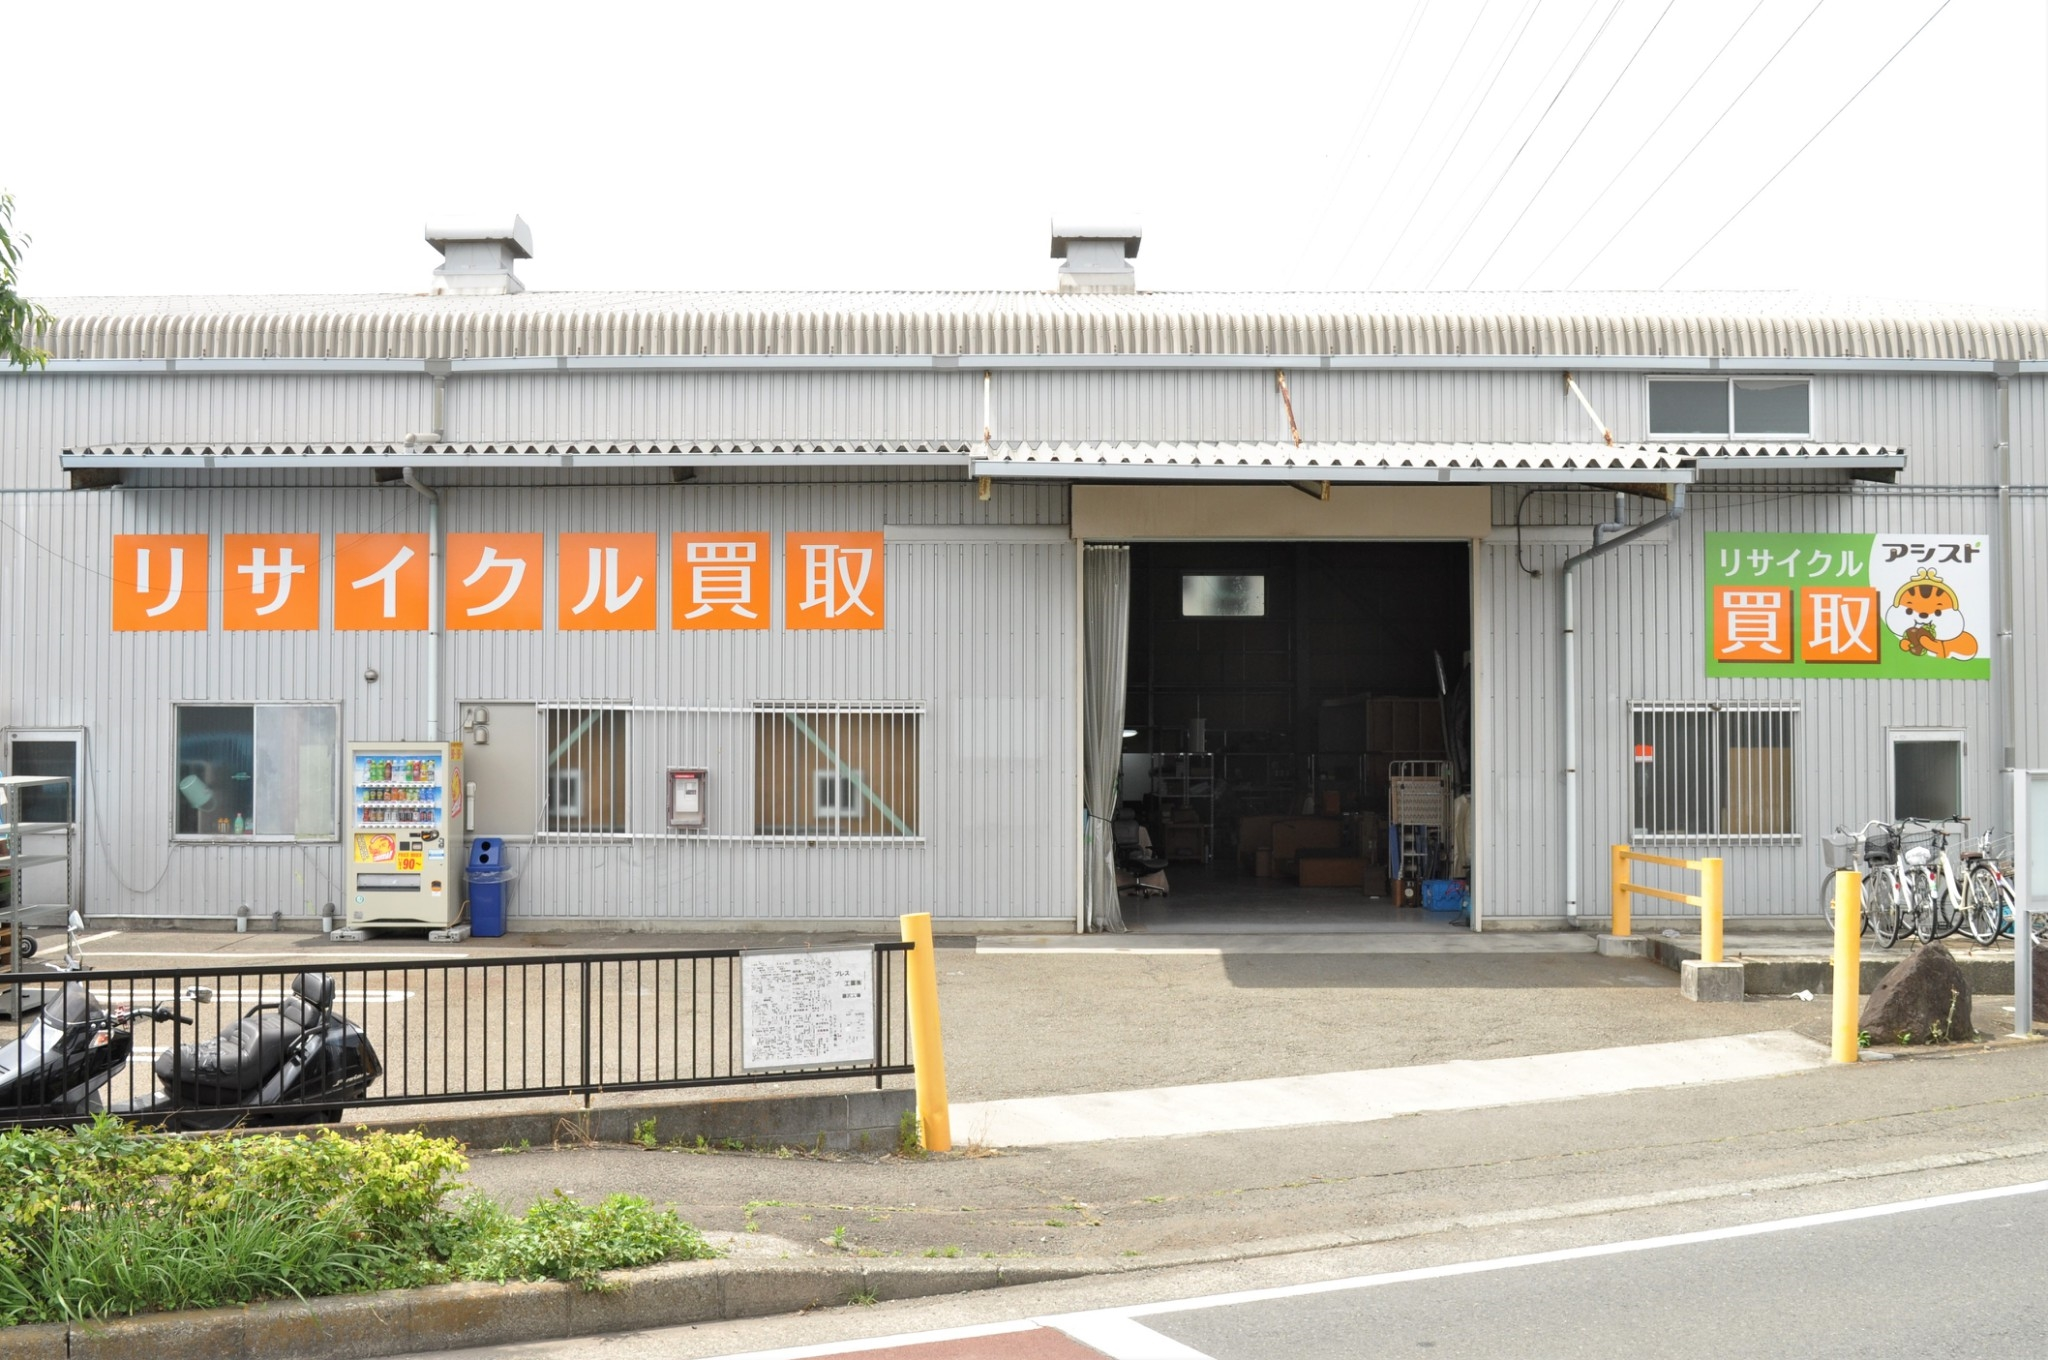 【お知らせ】アシスト藤沢店 店舗移転のお知らせ